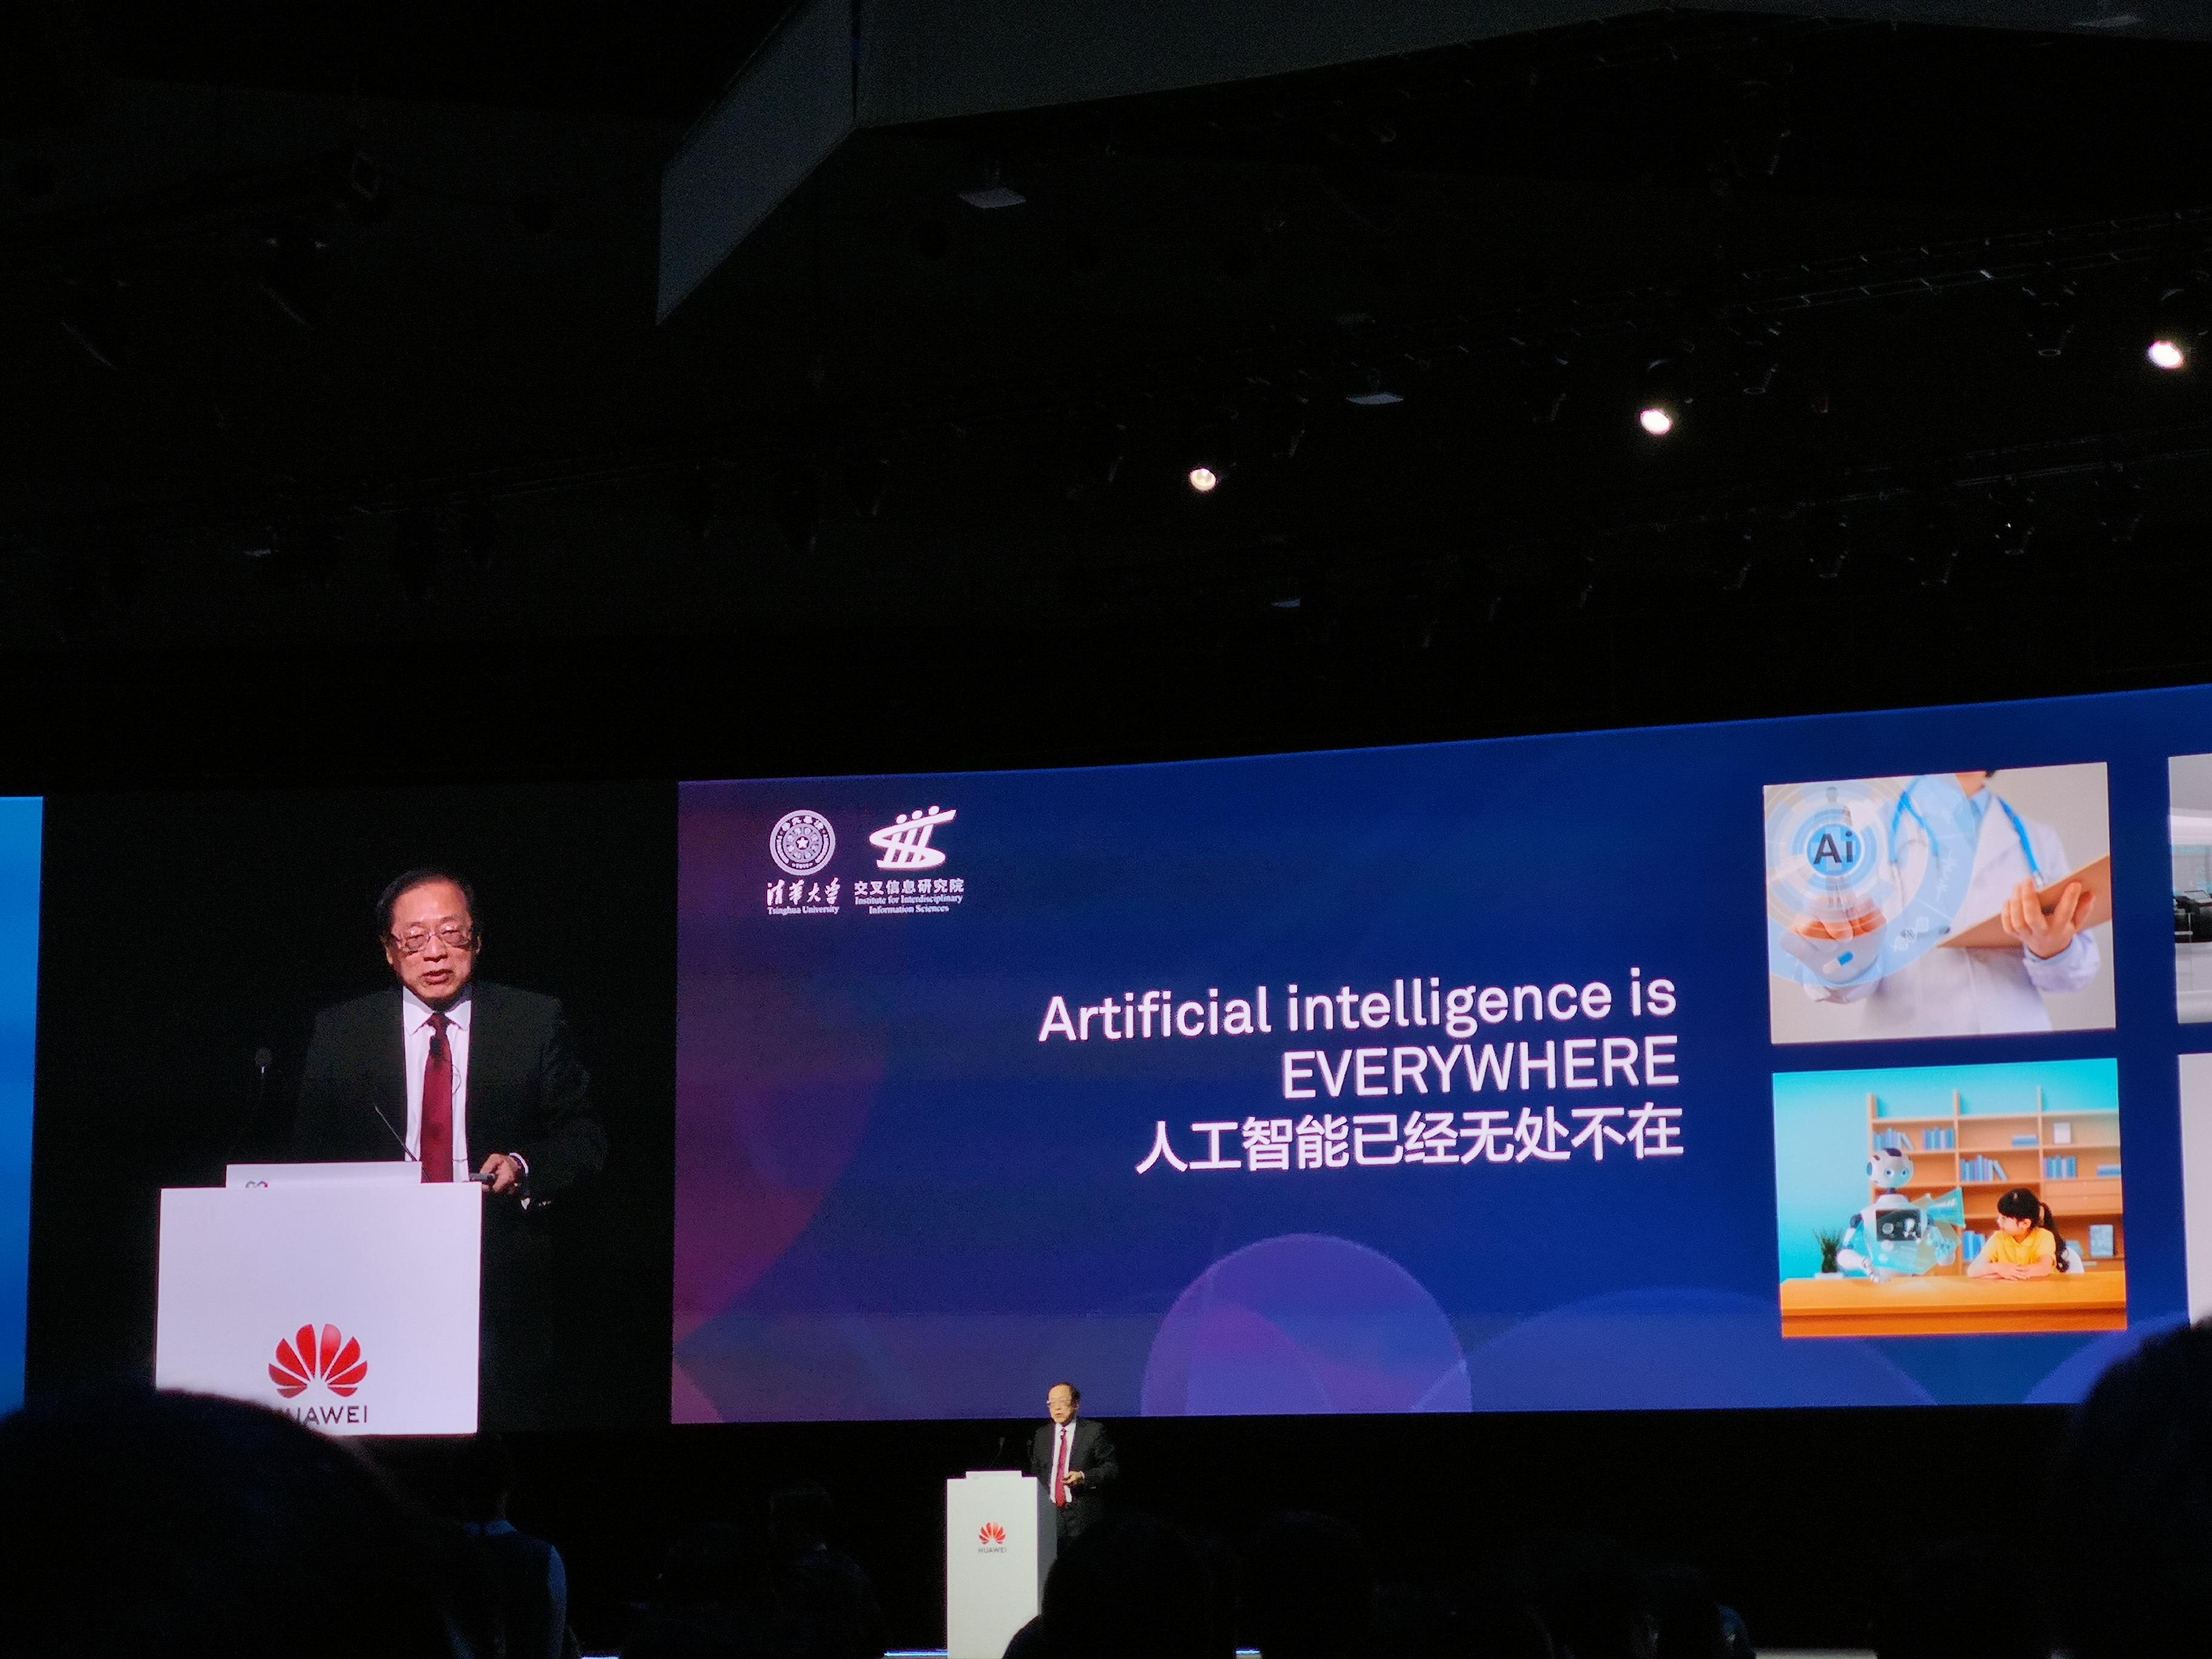 图灵奖得主姚期智:AI的基础研究对未来科学发展有重大影响